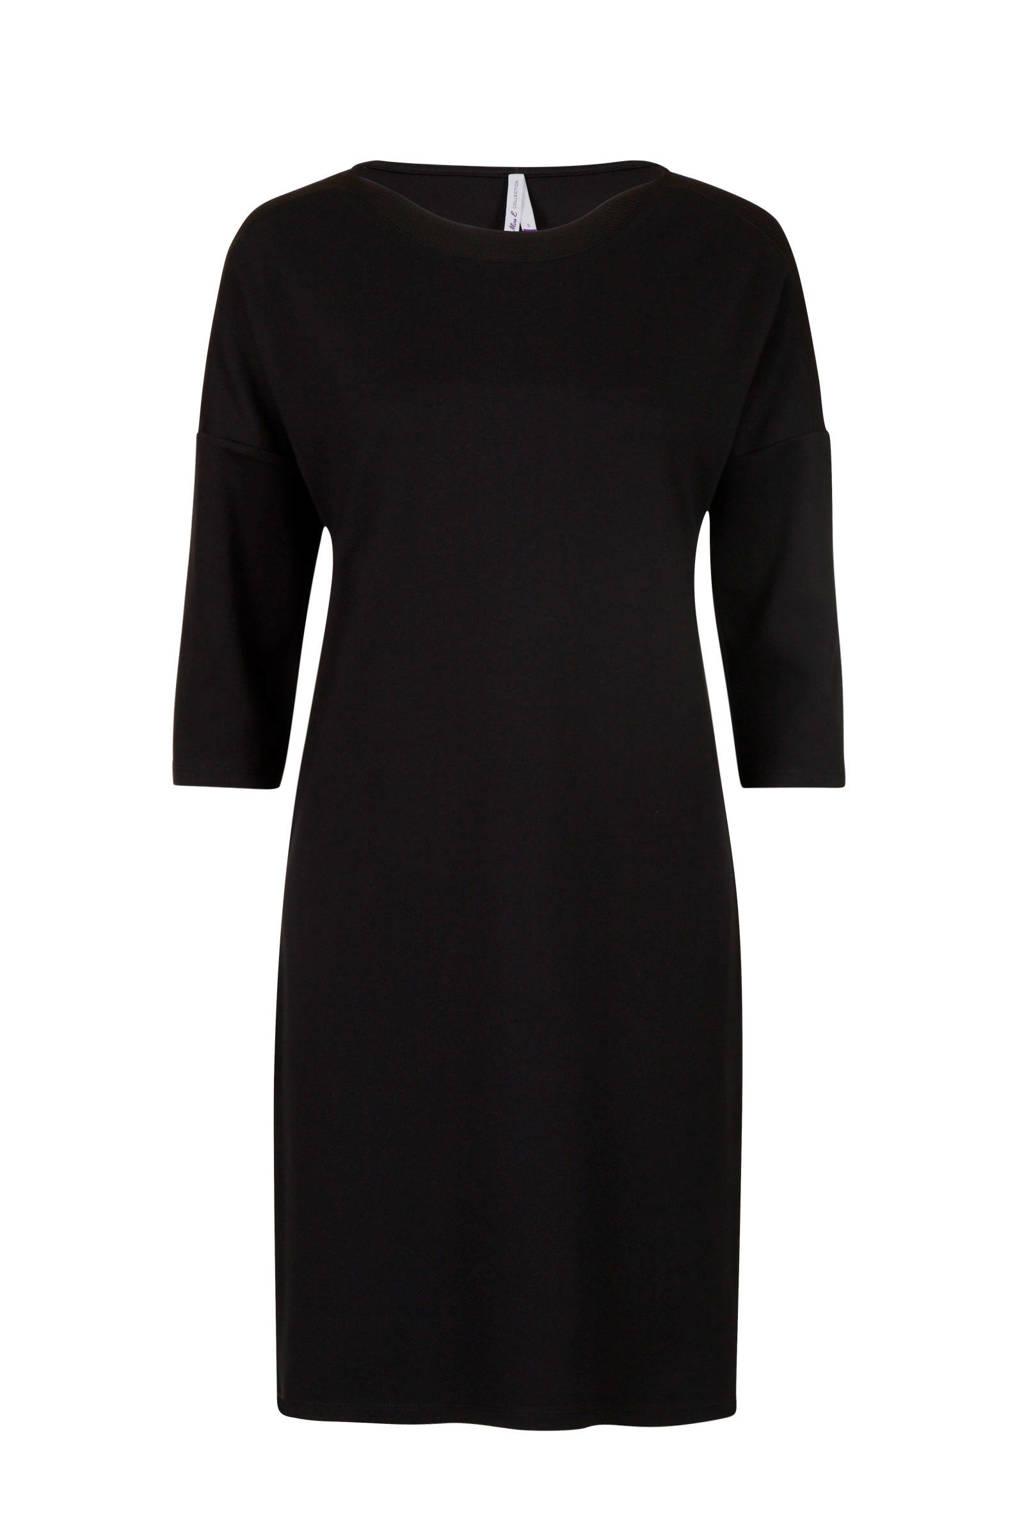 Miss Etam Regulier jersey jurk zwart, Zwart